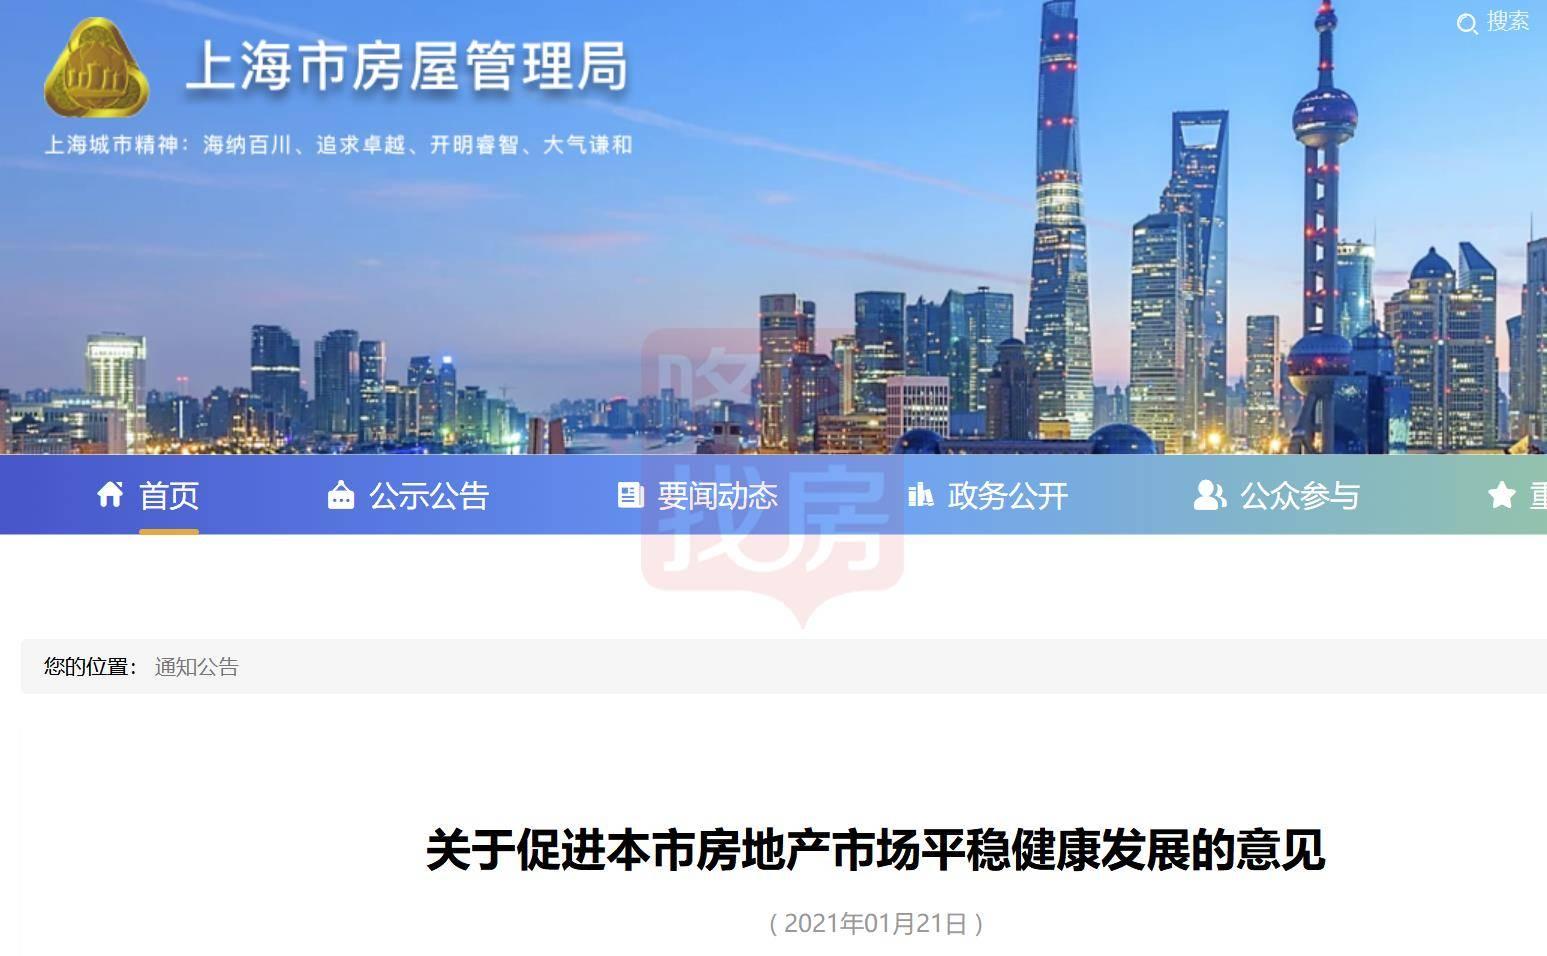 """重磅,上海调控年末""""重锤""""!增值税""""2改5""""、离异追溯3年"""